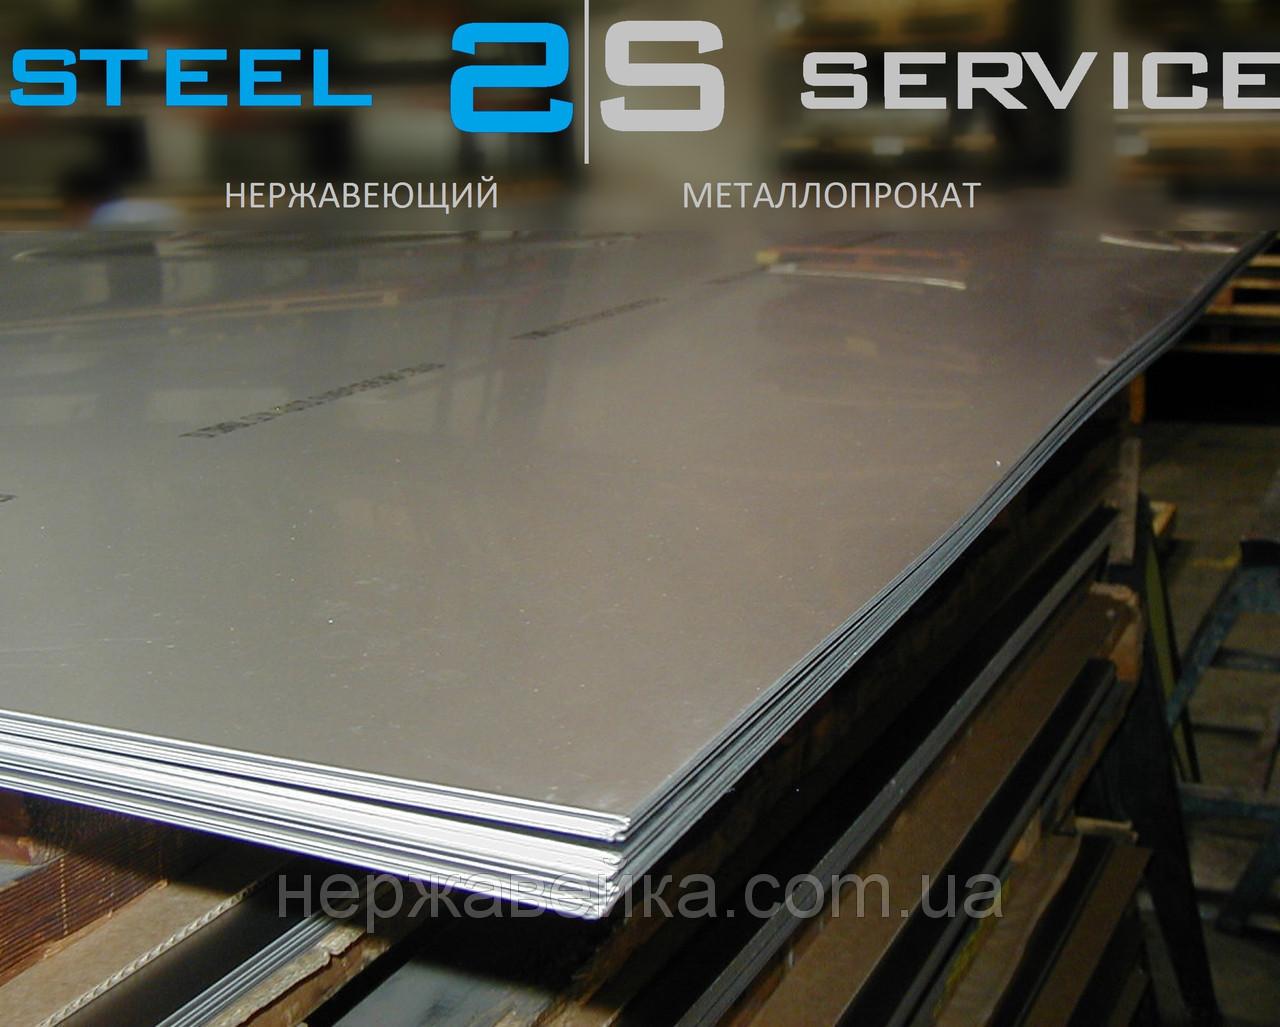 Нержавеющий лист 16х1500х3000мм  AISI 316Ti(10Х17Н13М2Т) F1 - горячекатанный,  кислотостойкий